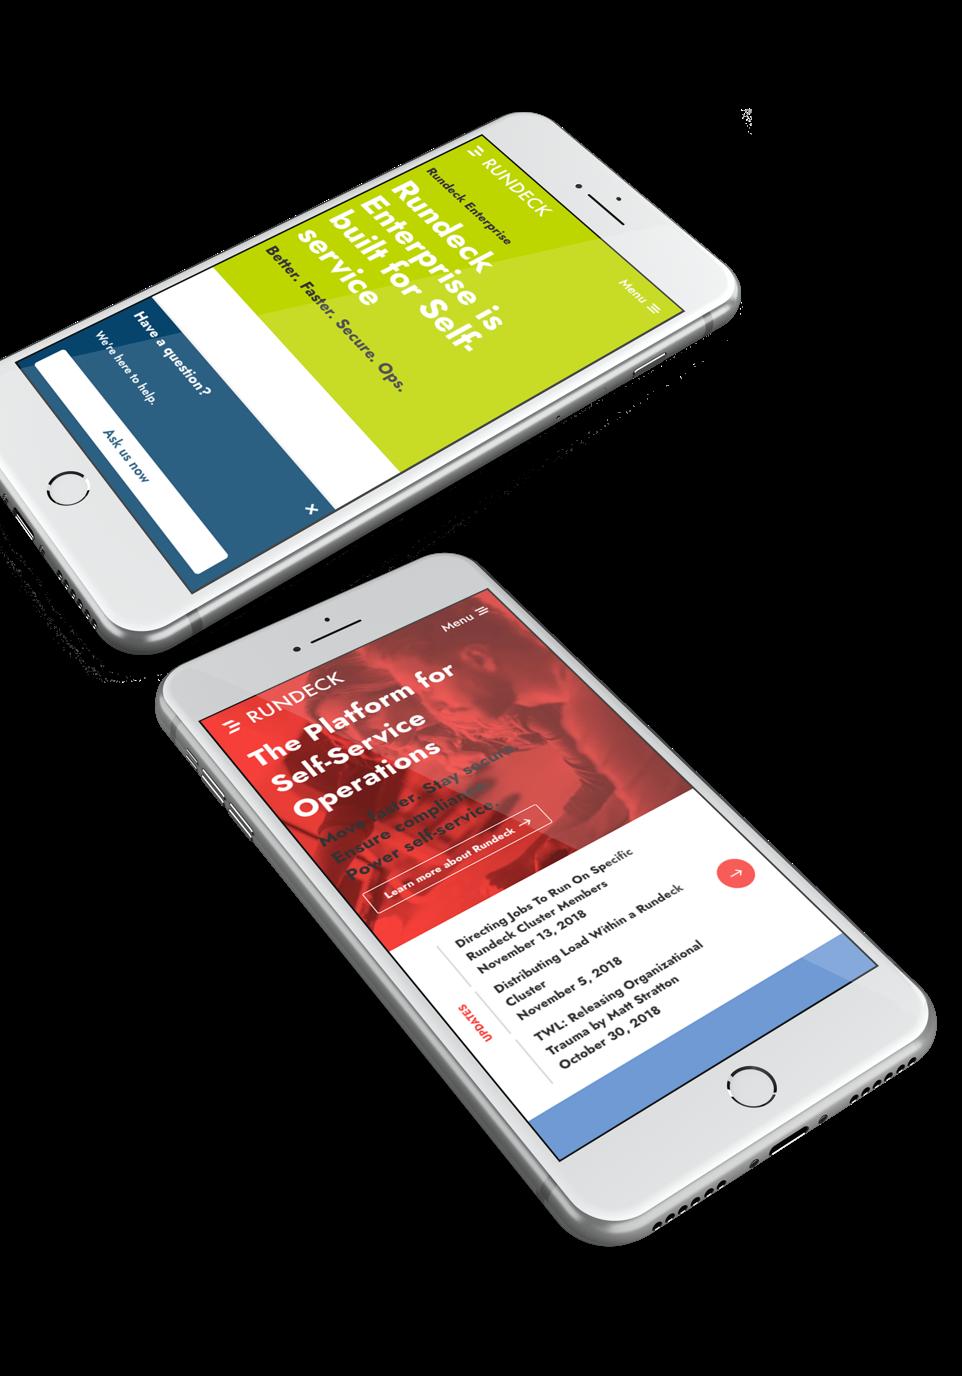 Website Redesign for Rundeck | Media Junction